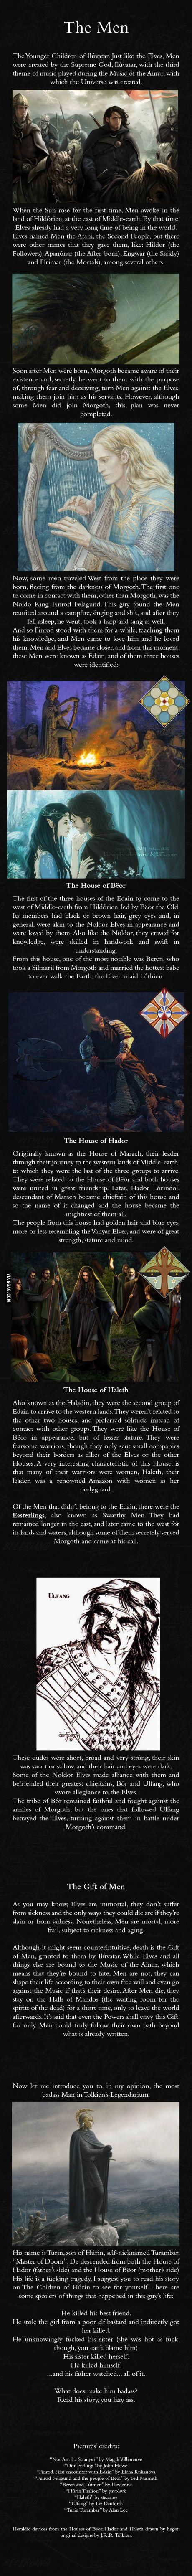 Men (hoomans) - J.R.R. Tolkien's Mythology